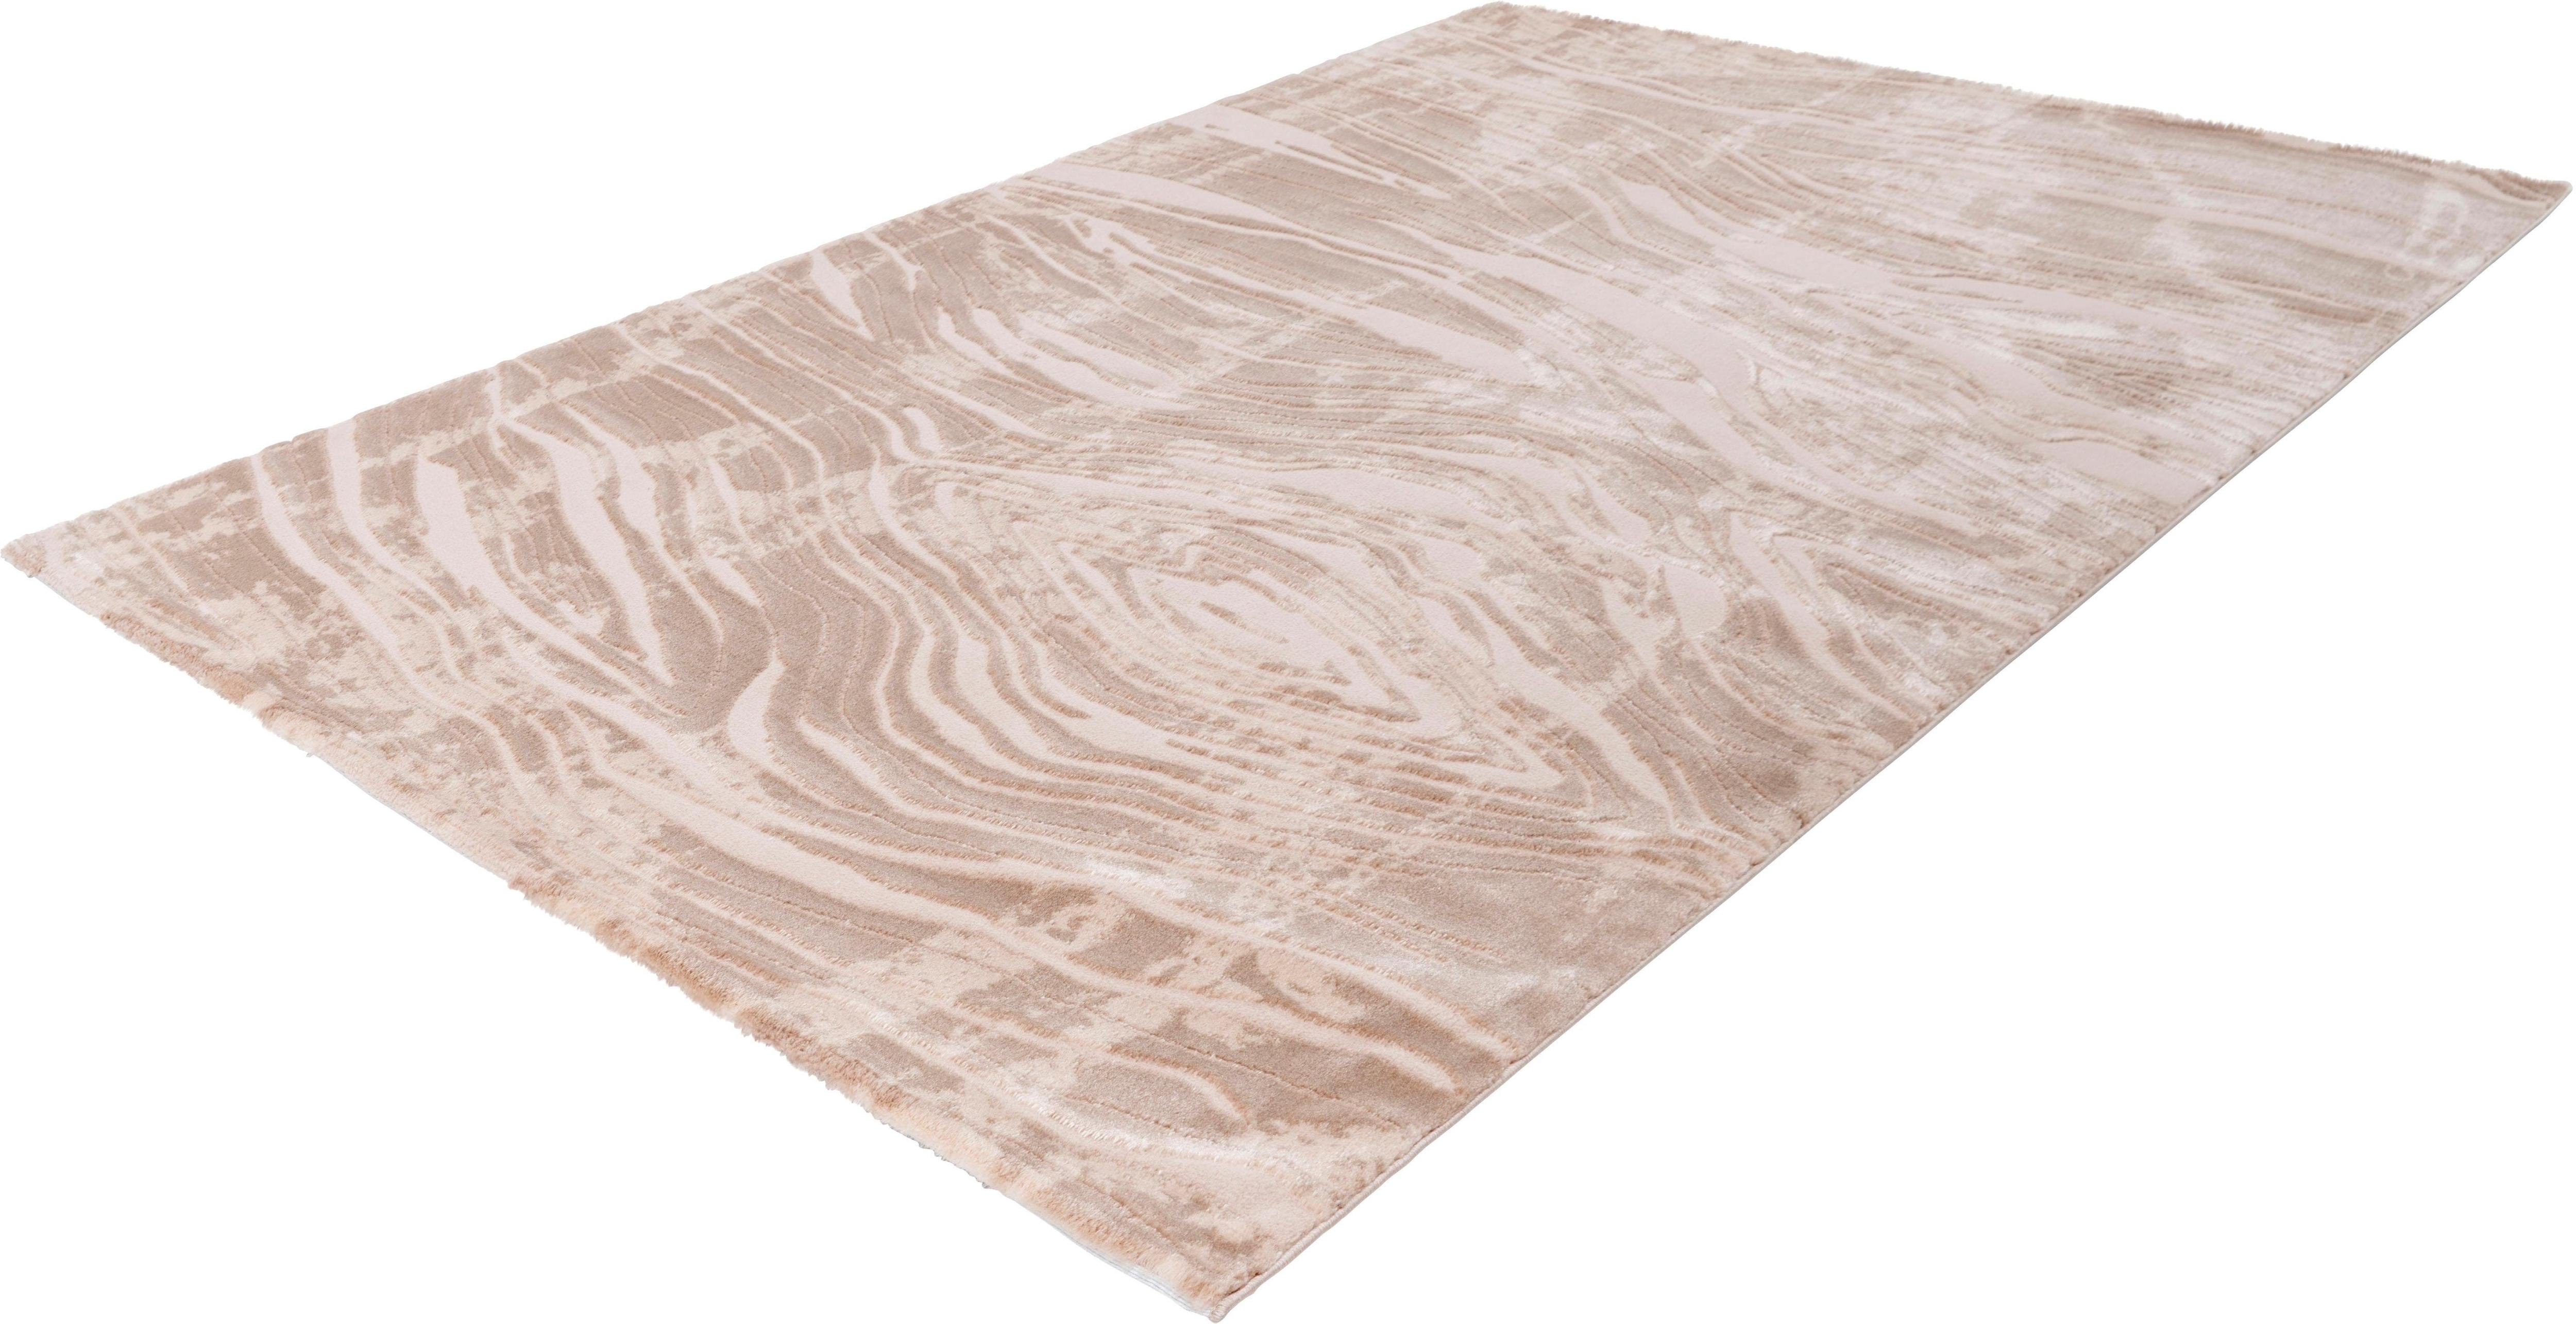 Teppich Varda 608 calo-deluxe rechteckig Höhe 14 mm maschinell gewebt